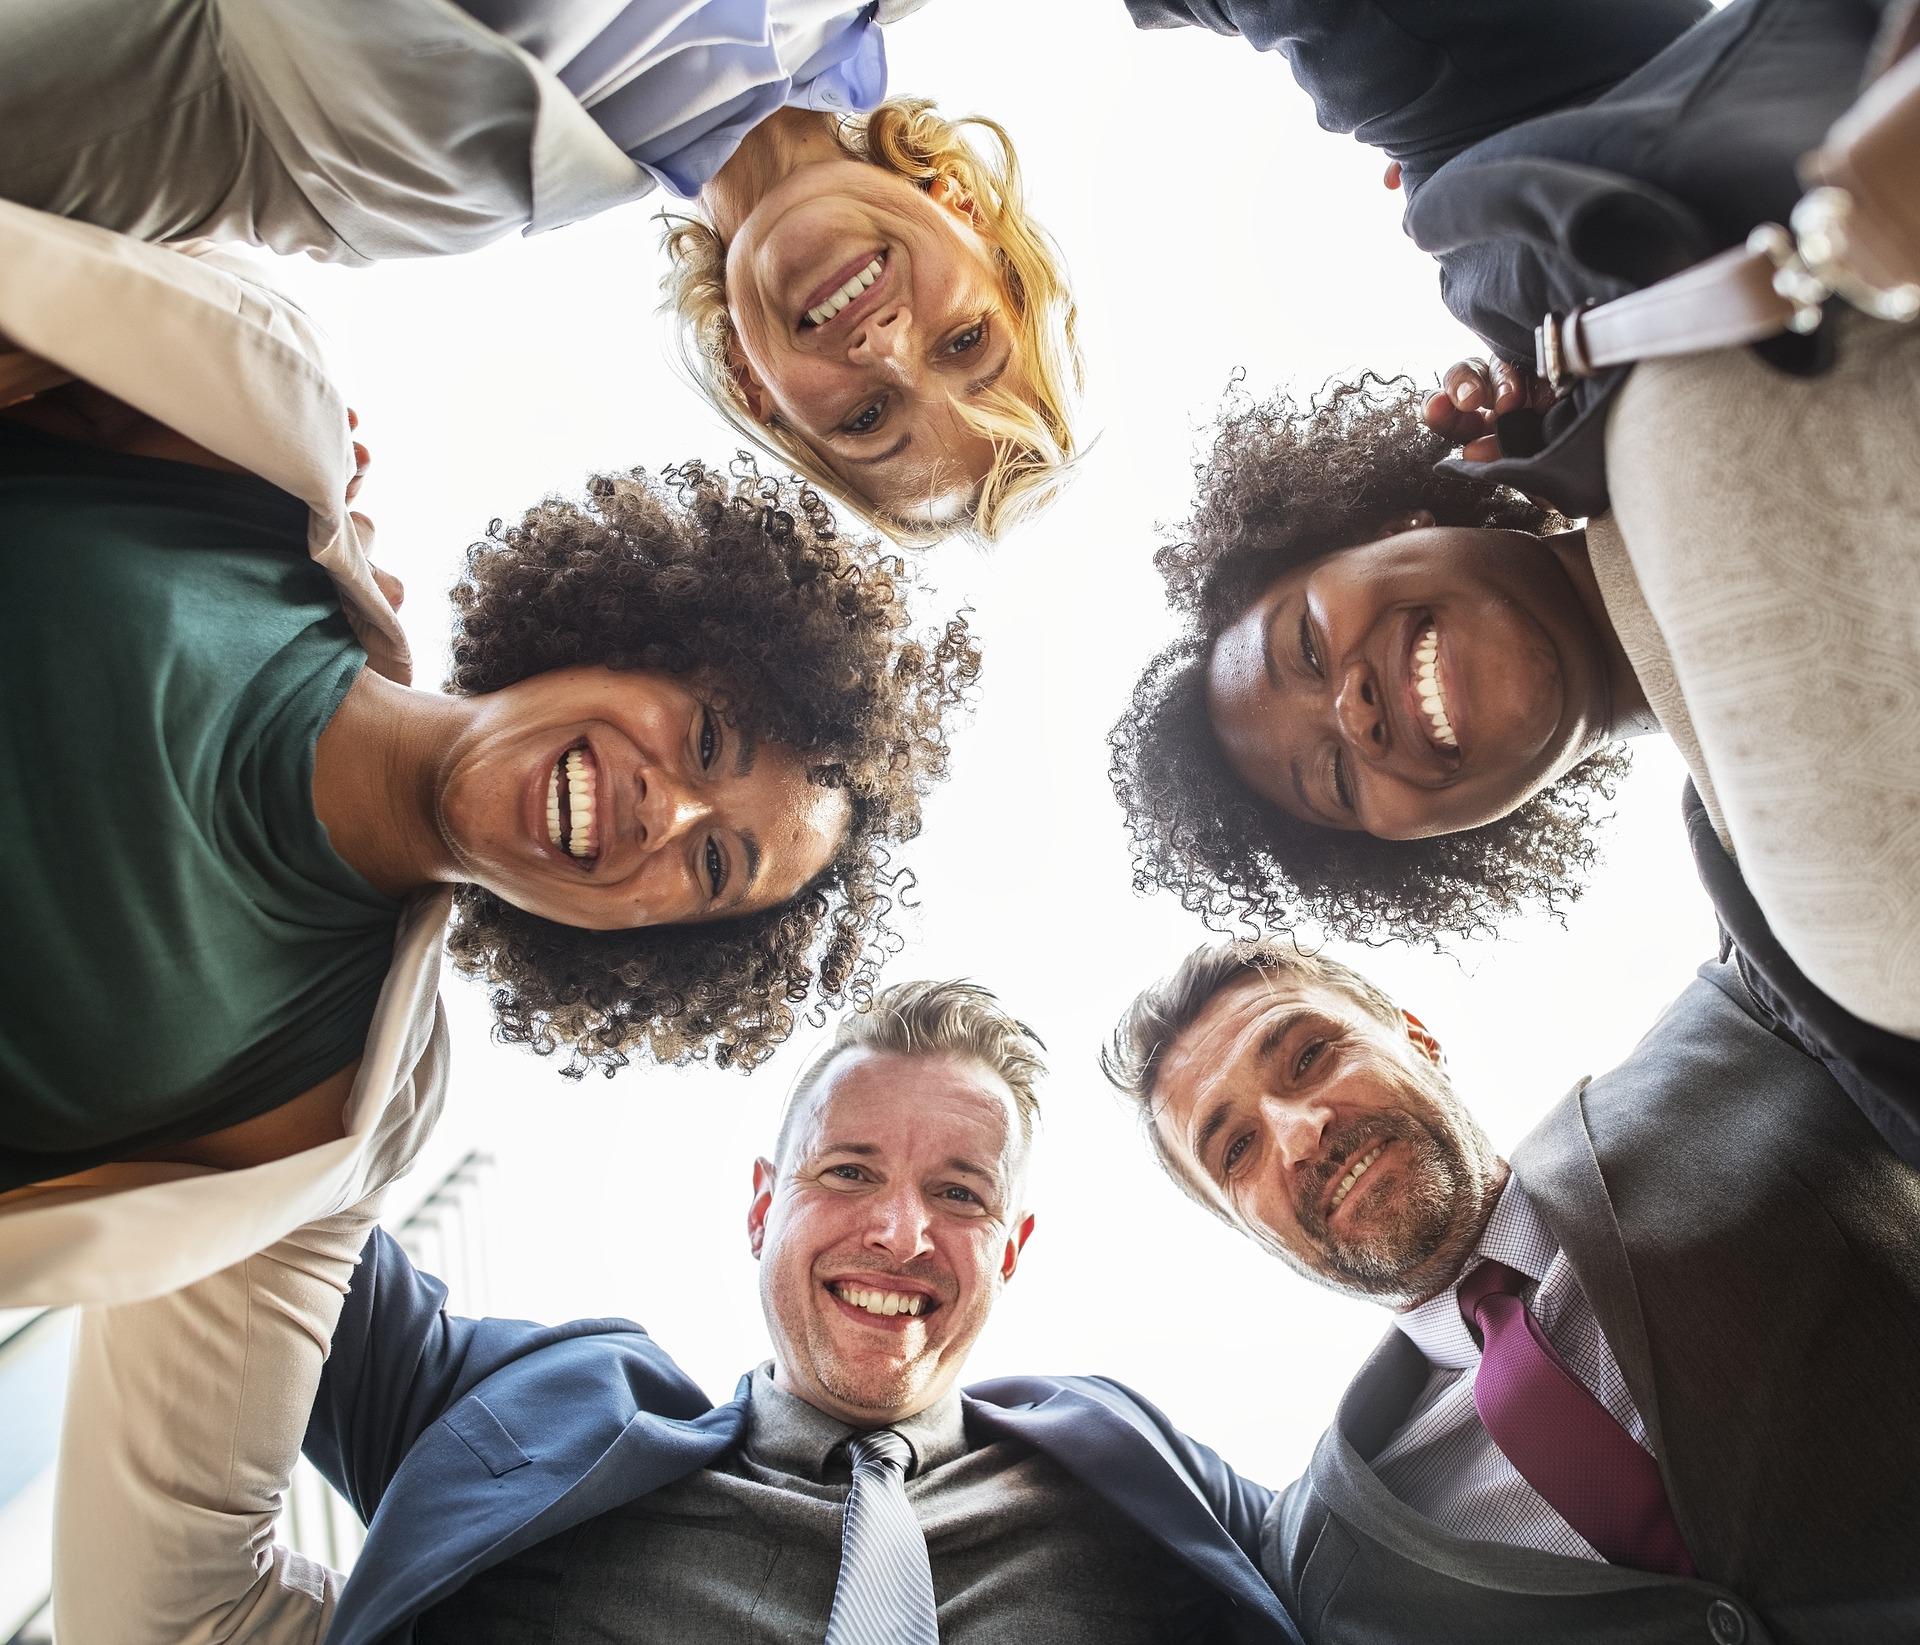 Qualité de vie au travail, bien-être et bonheur : quelle réalité dans votre entreprise ?